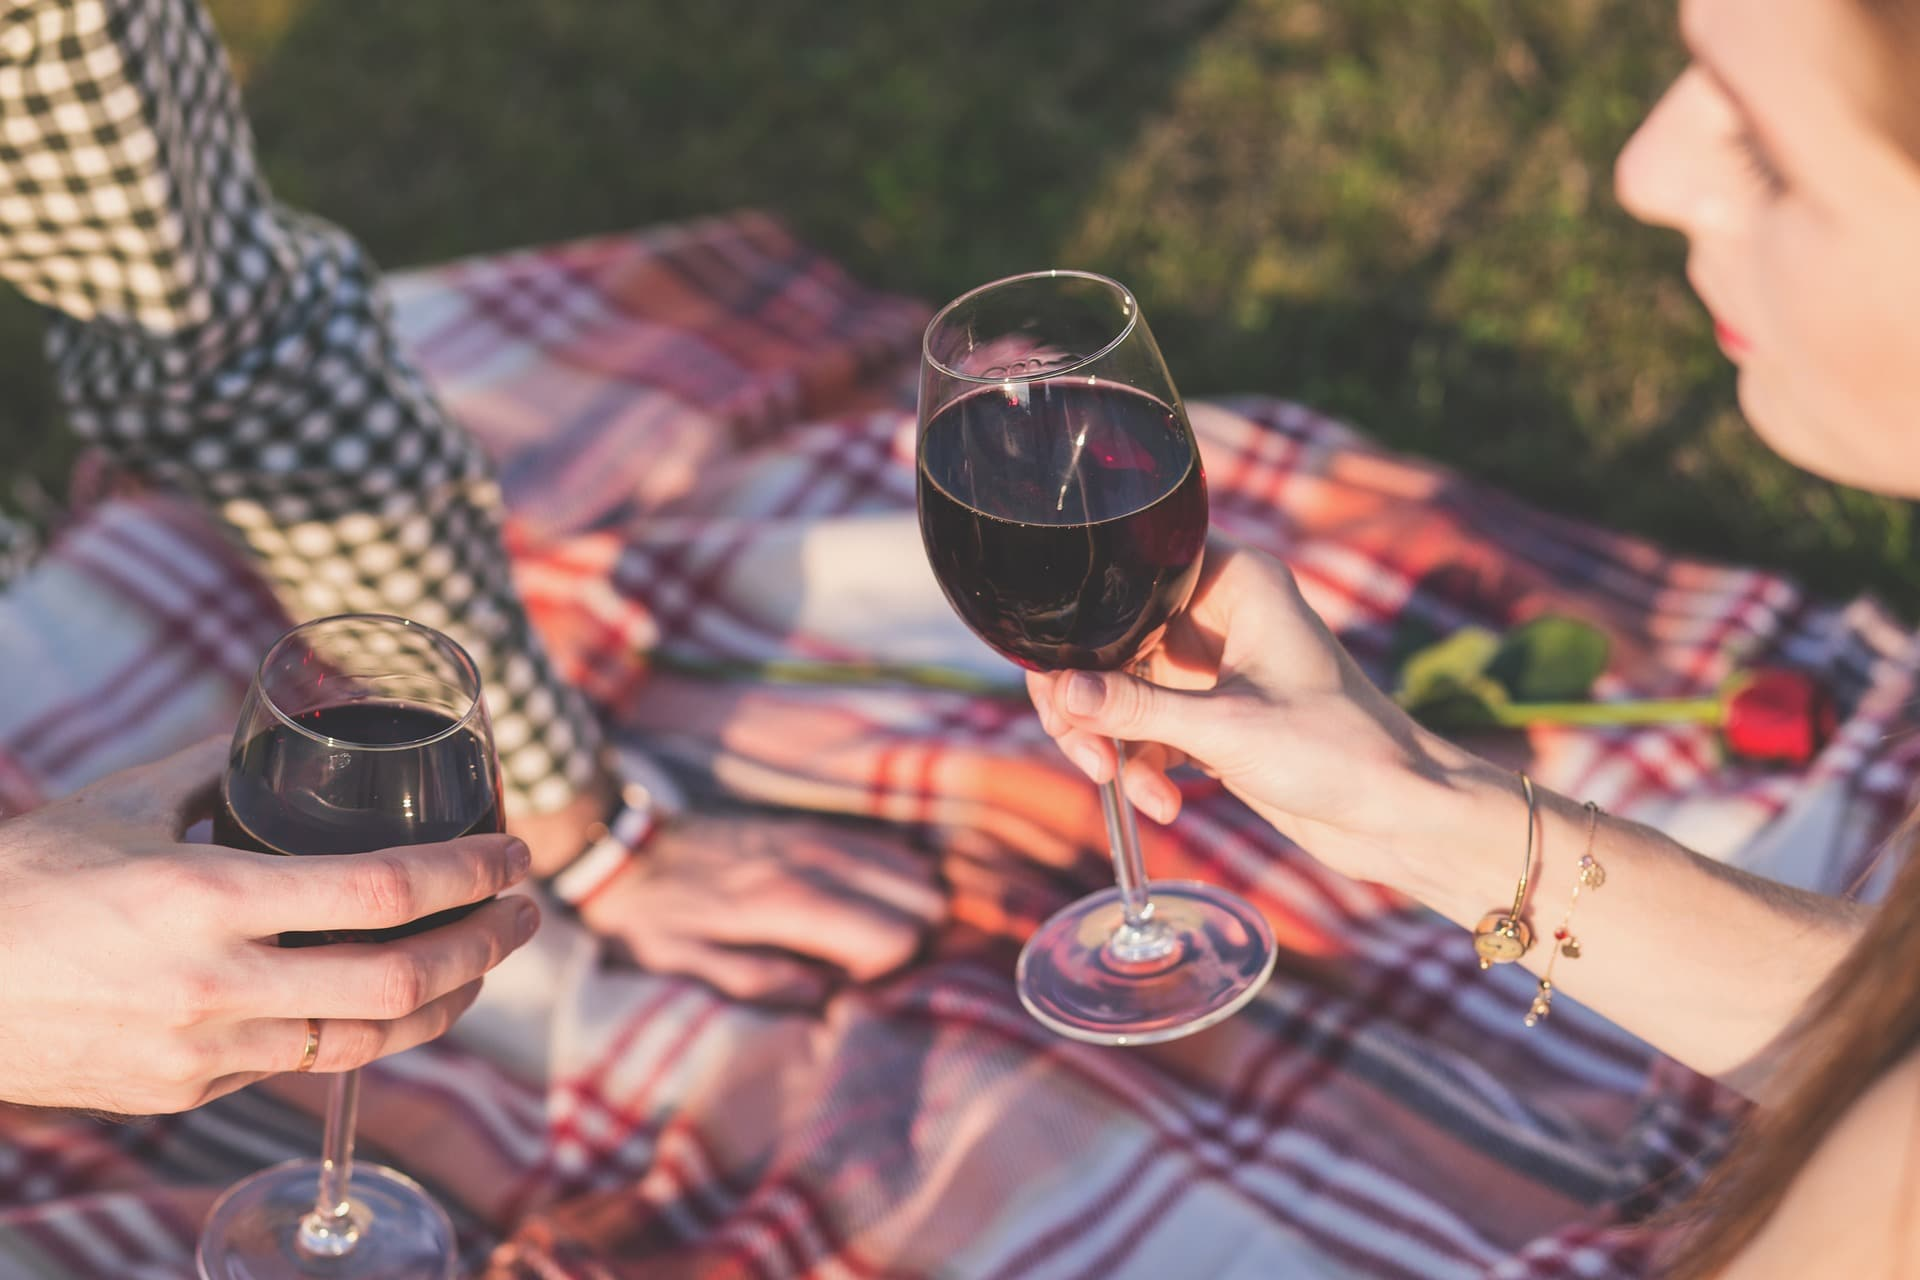 picnic-trouspinette-apero